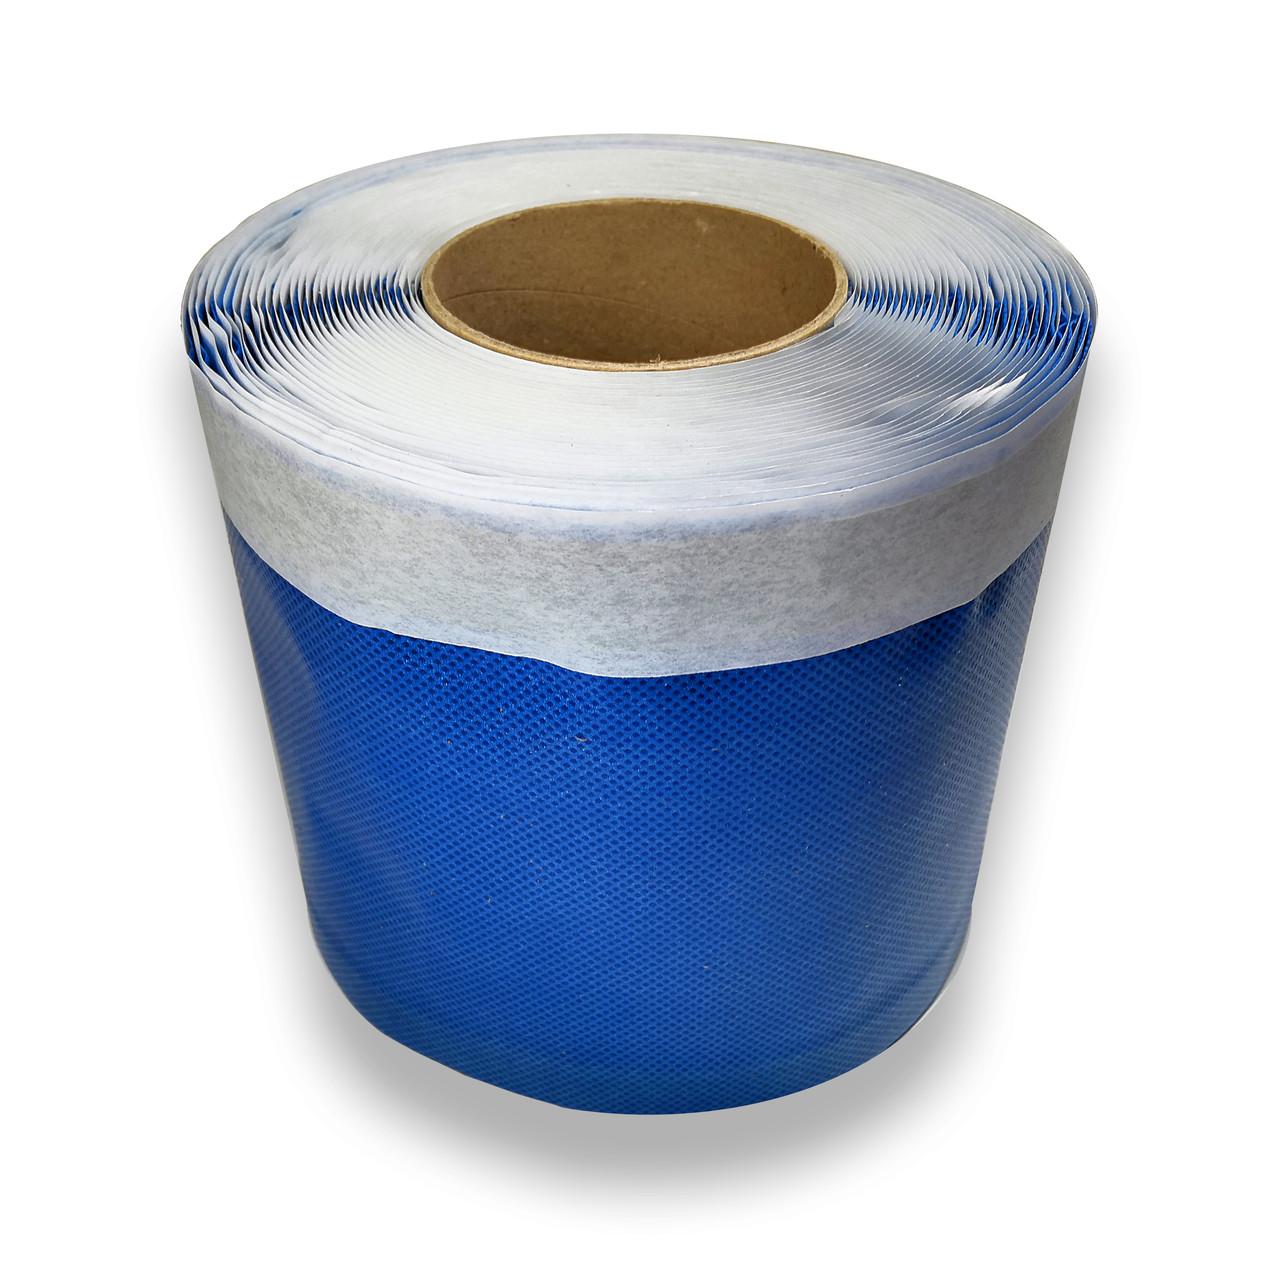 Герметизирующая  лента для монтажа окон внутренняя 150 мм х 12 м S